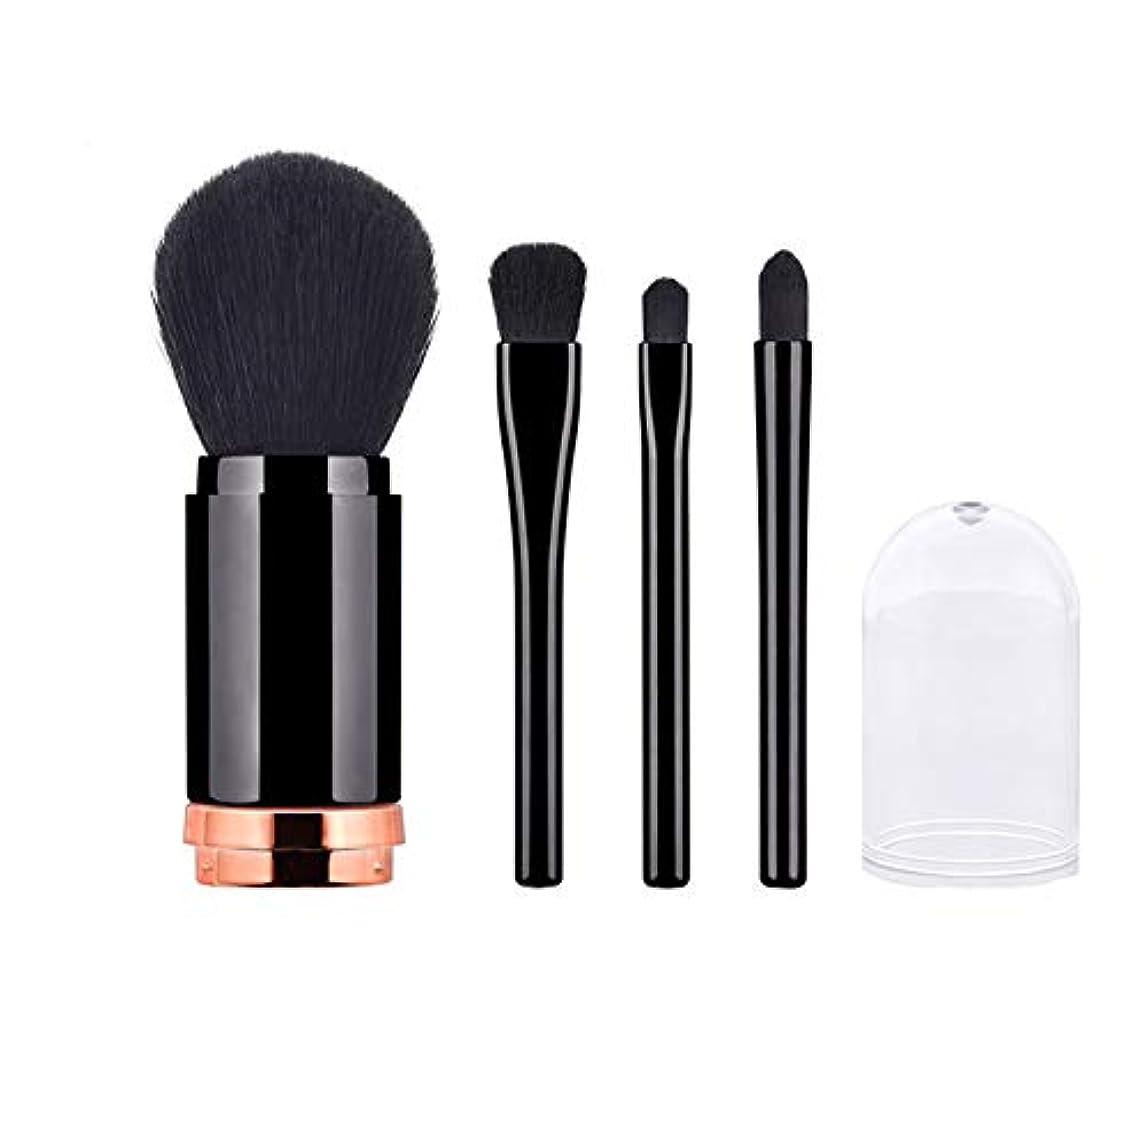 七時半アカデミック少ない1女性に付き4引き込み式の柔らかい基礎粉の構造のブラシ化粧品用具 - 黒